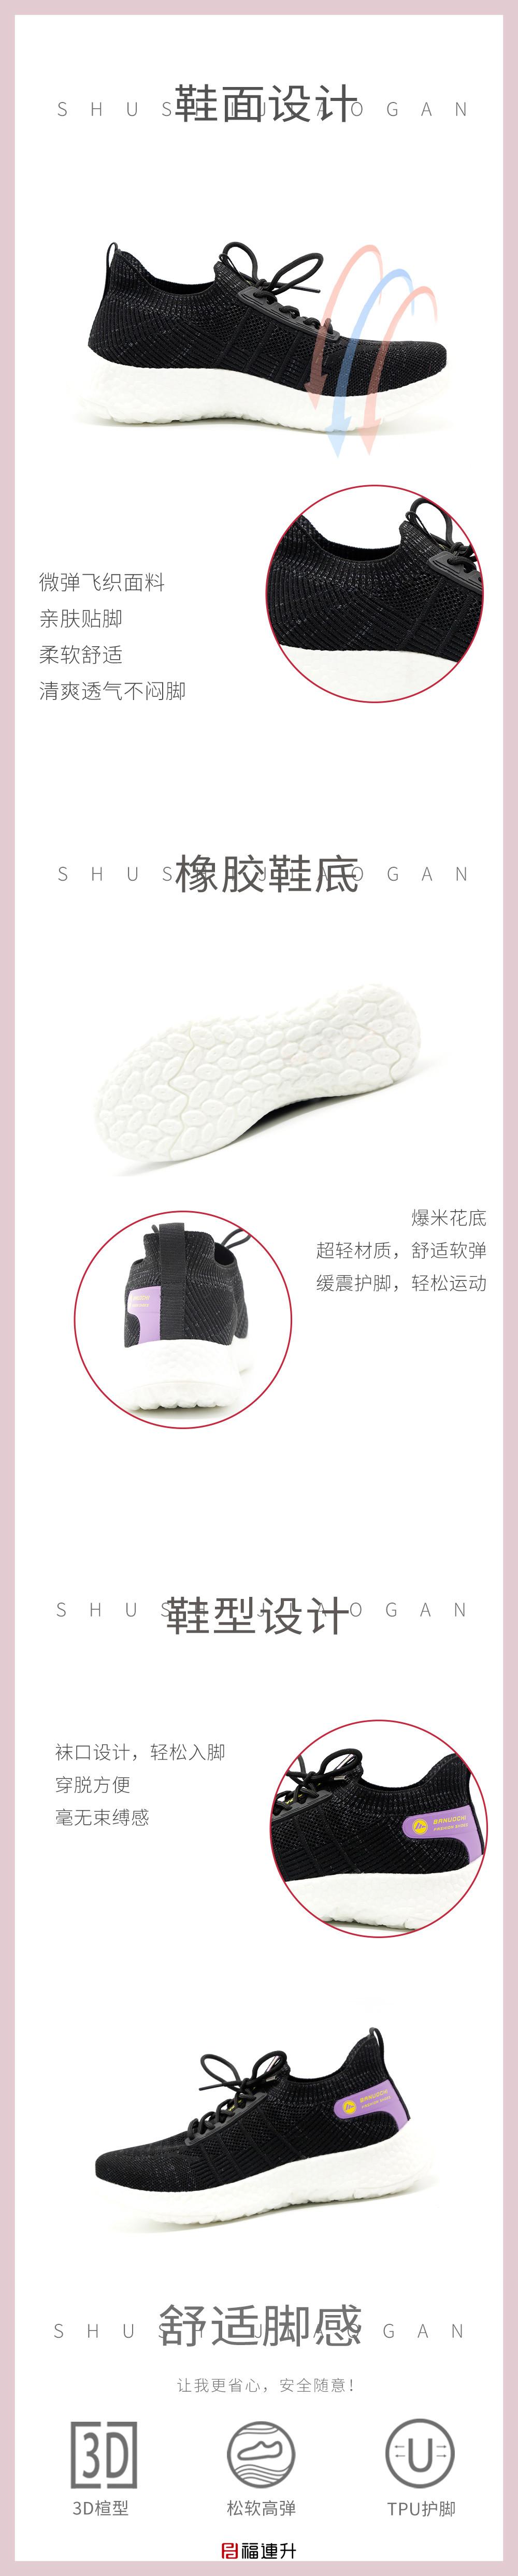 福连升休闲运动鞋女鞋慢跑中老年舒适轻便漫步鞋图片